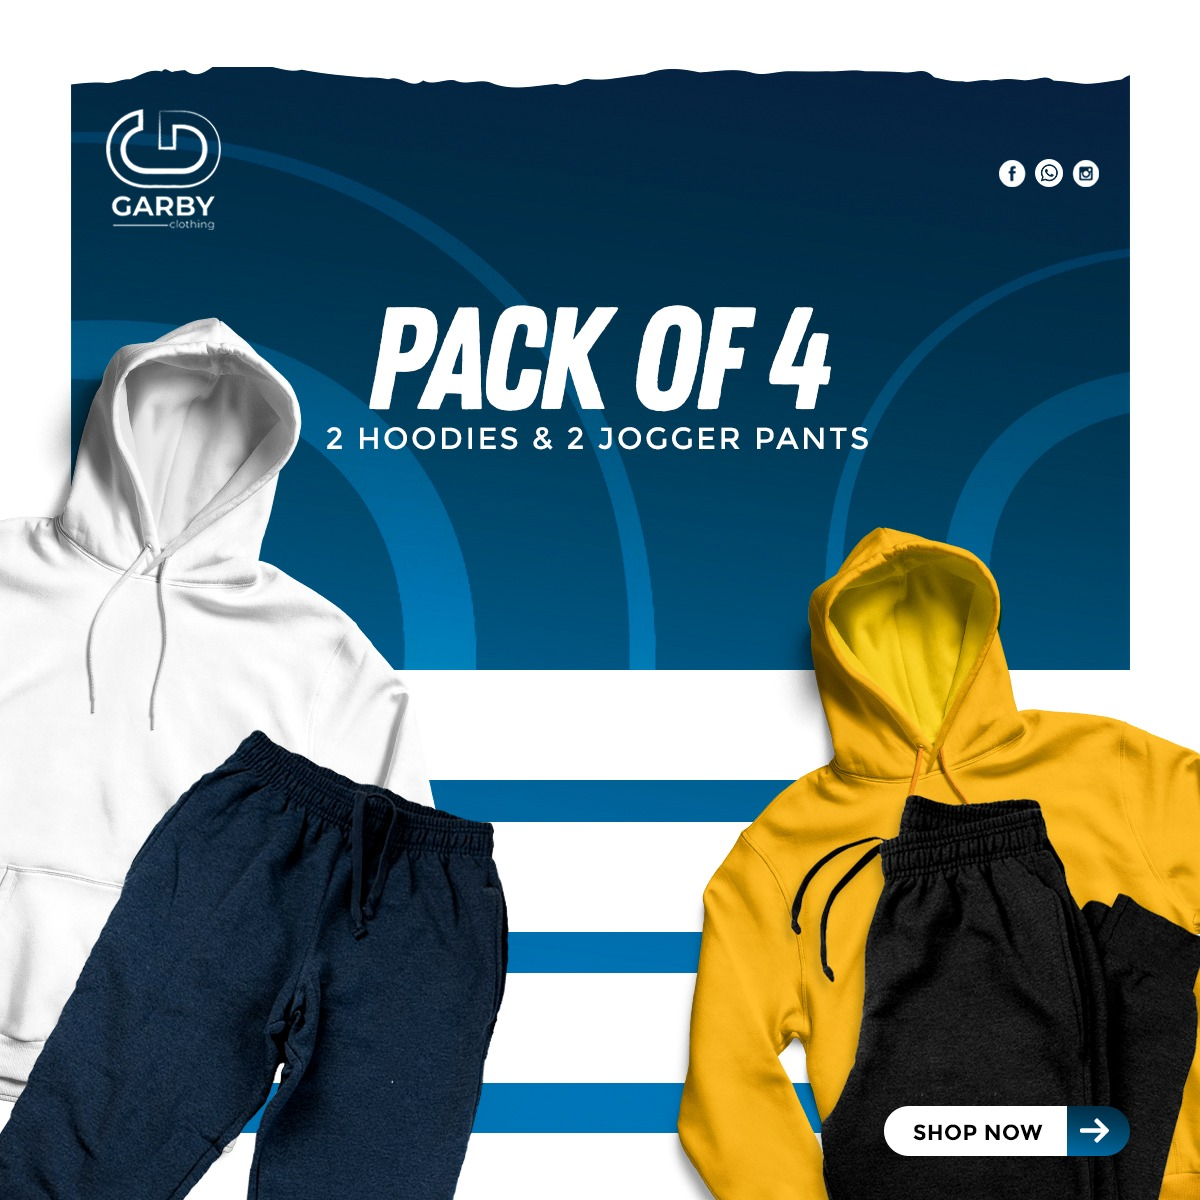 pack-of-4-hoodies,-pant